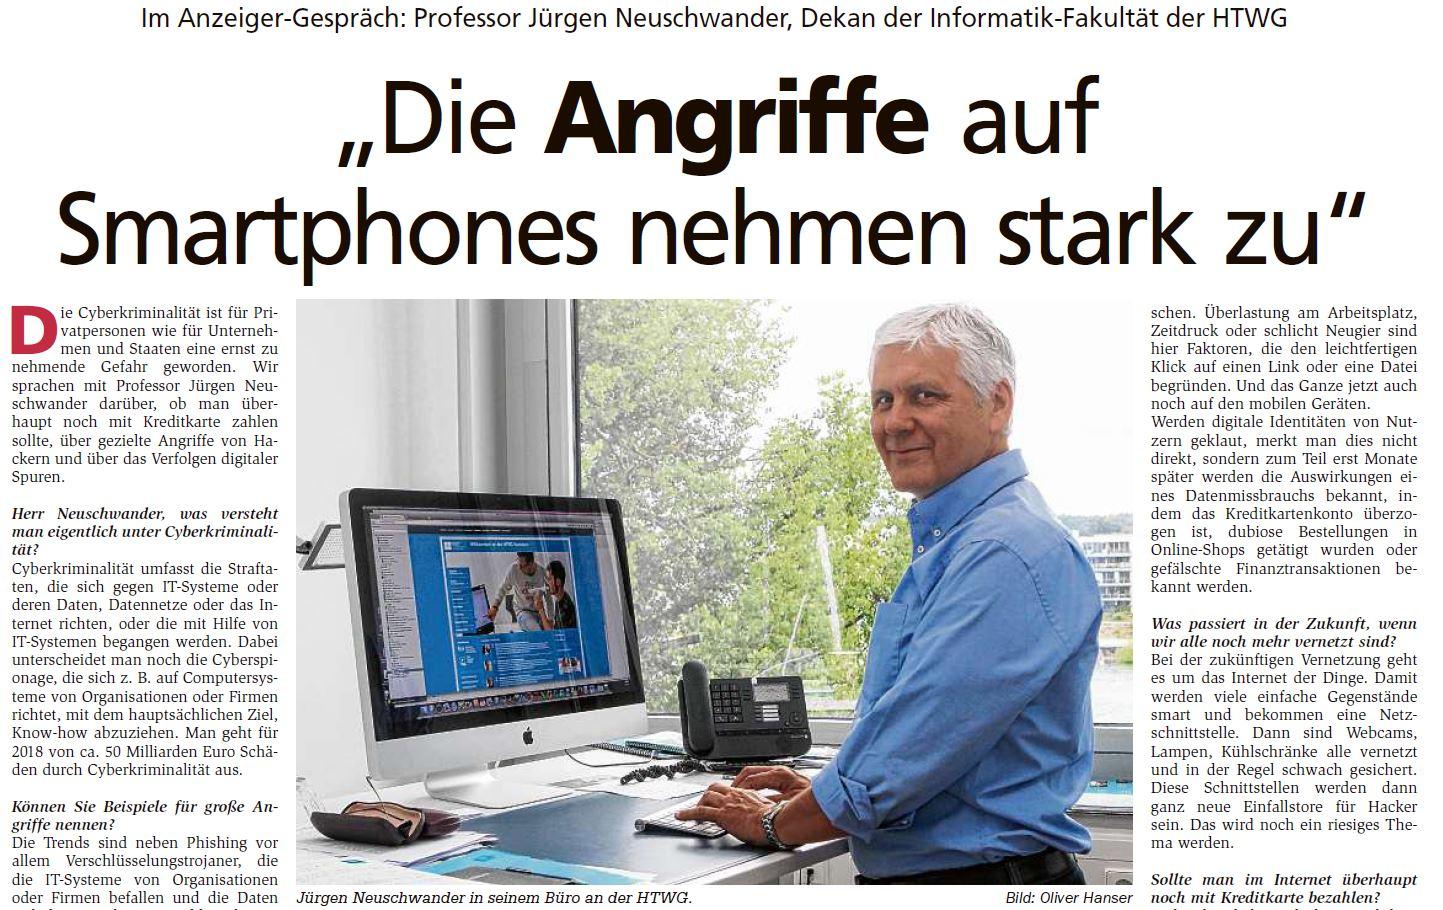 Prof. Dr. Jürgen Neuschwander im Interview: Angriffe von Smartphones